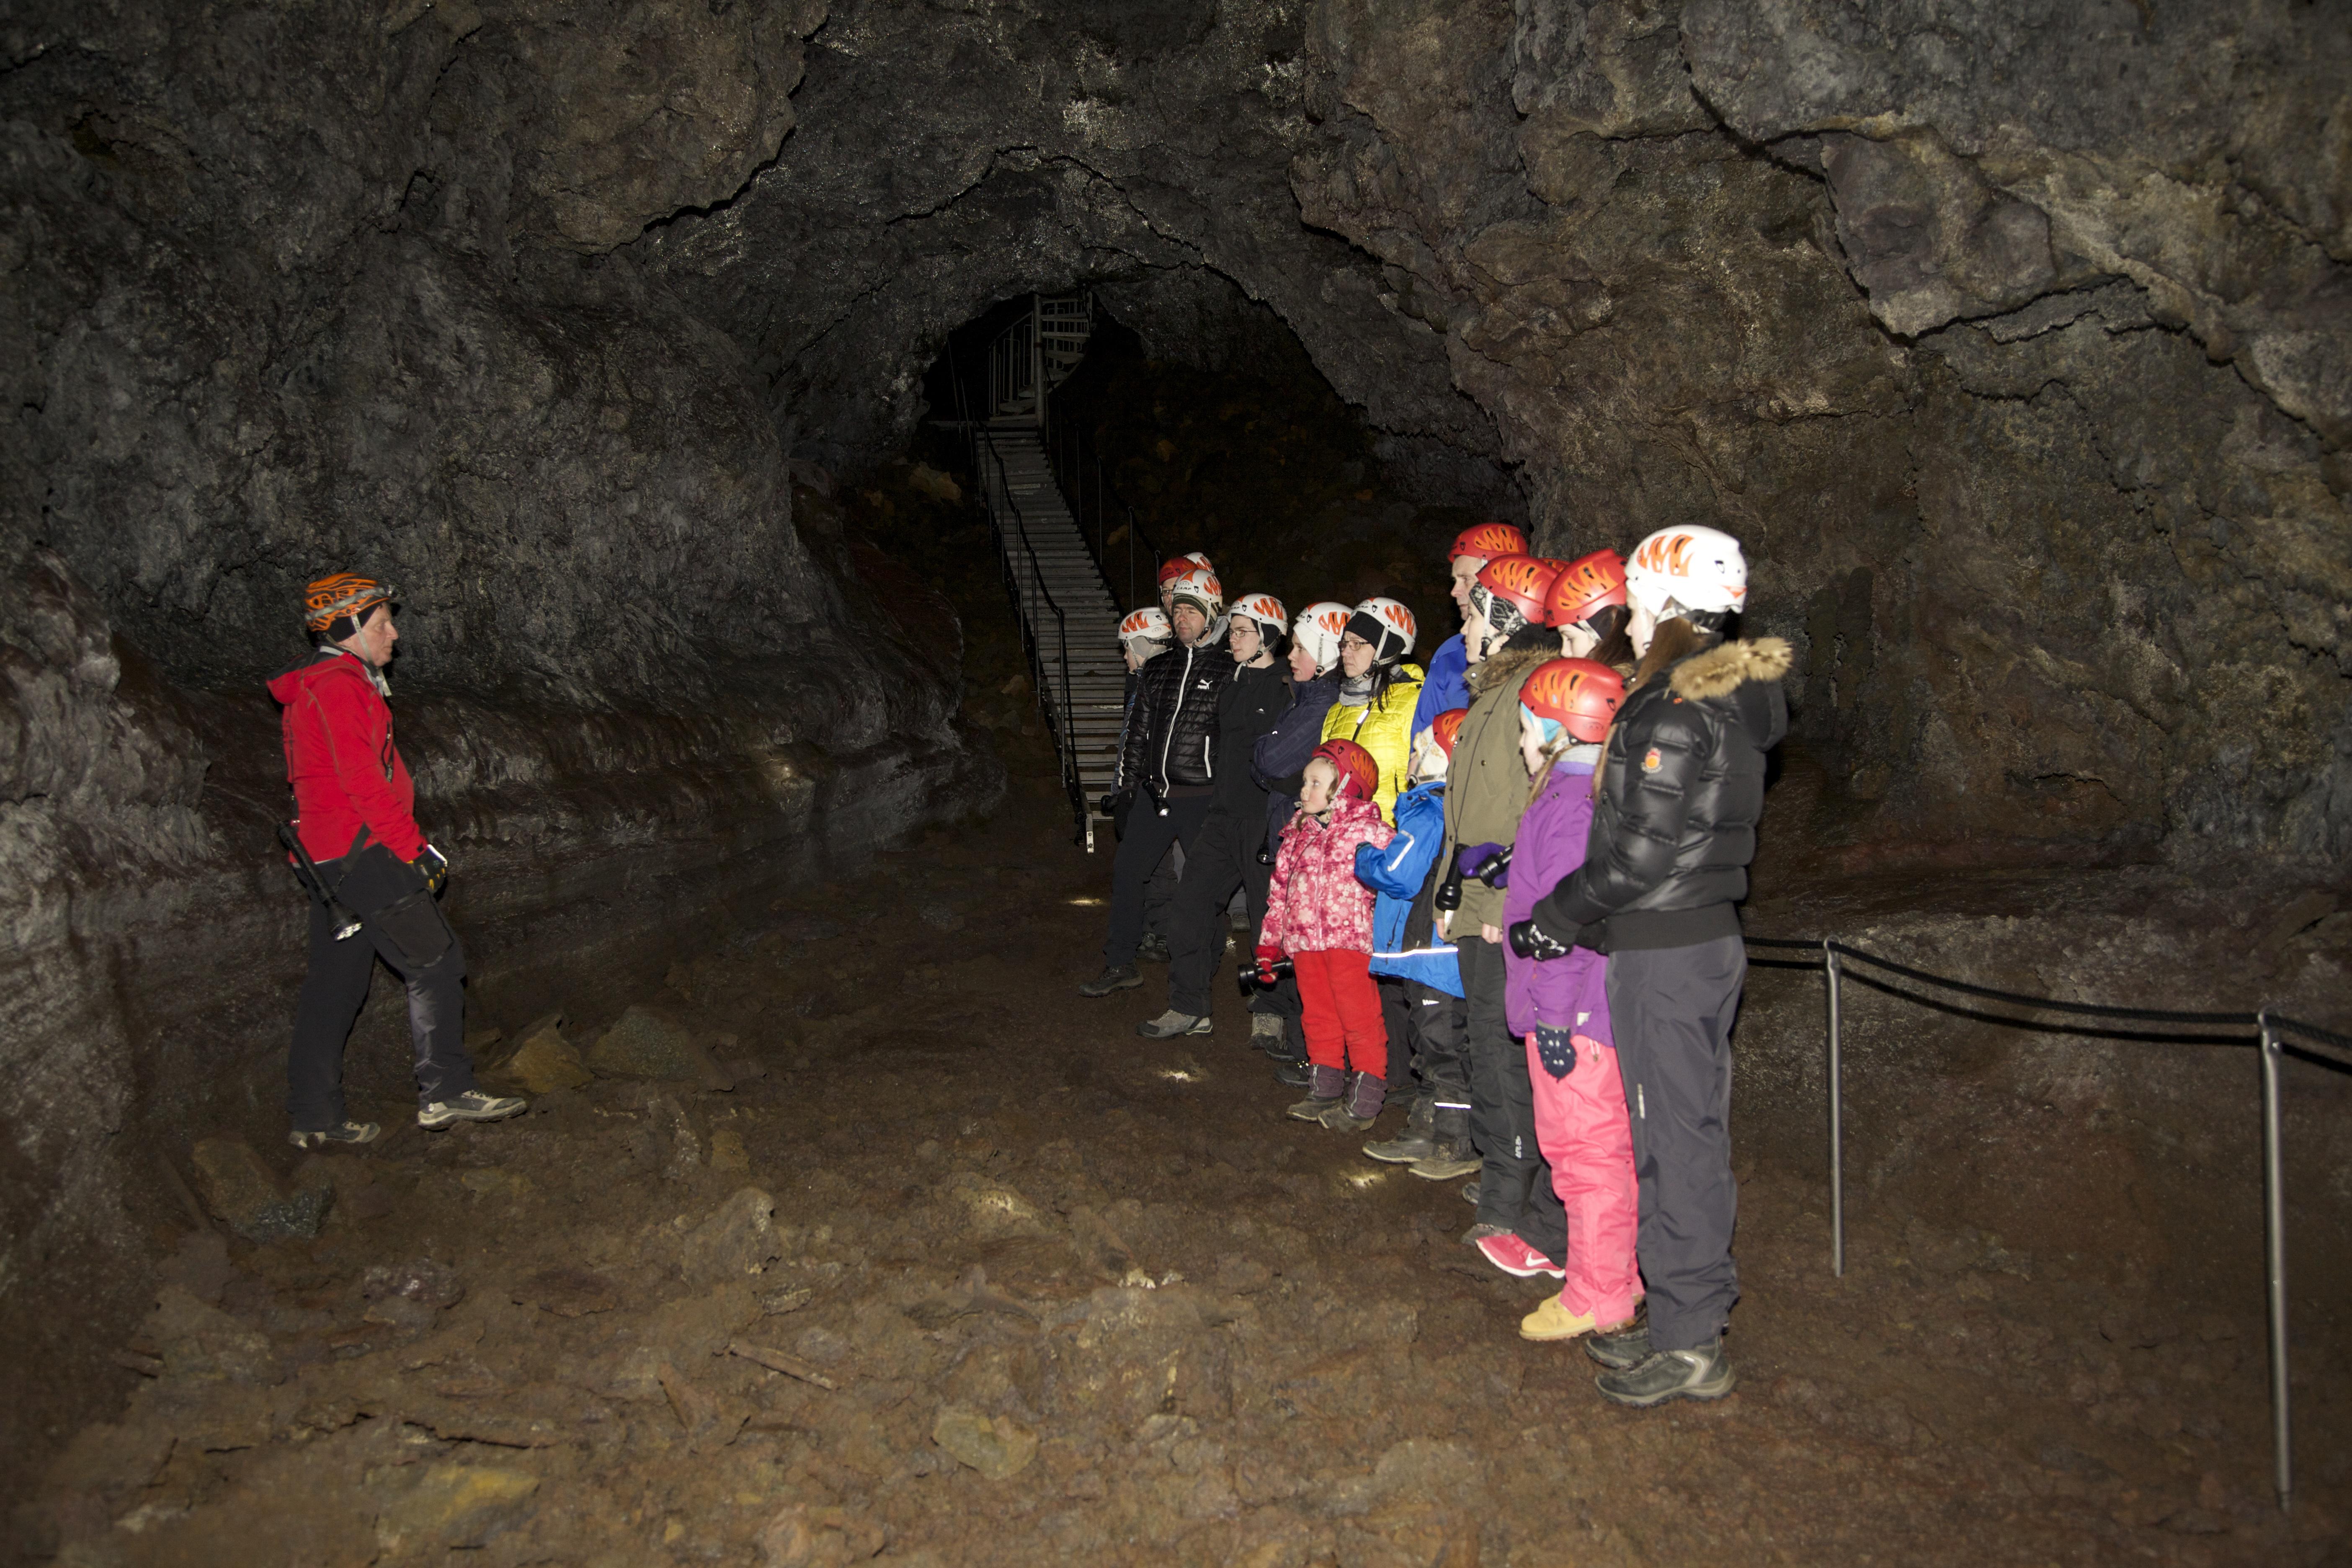 Vatnshellir est une grotte de lave datant de 8 000 ans située dans la péninsule de Snæfellsnes, en Islande.